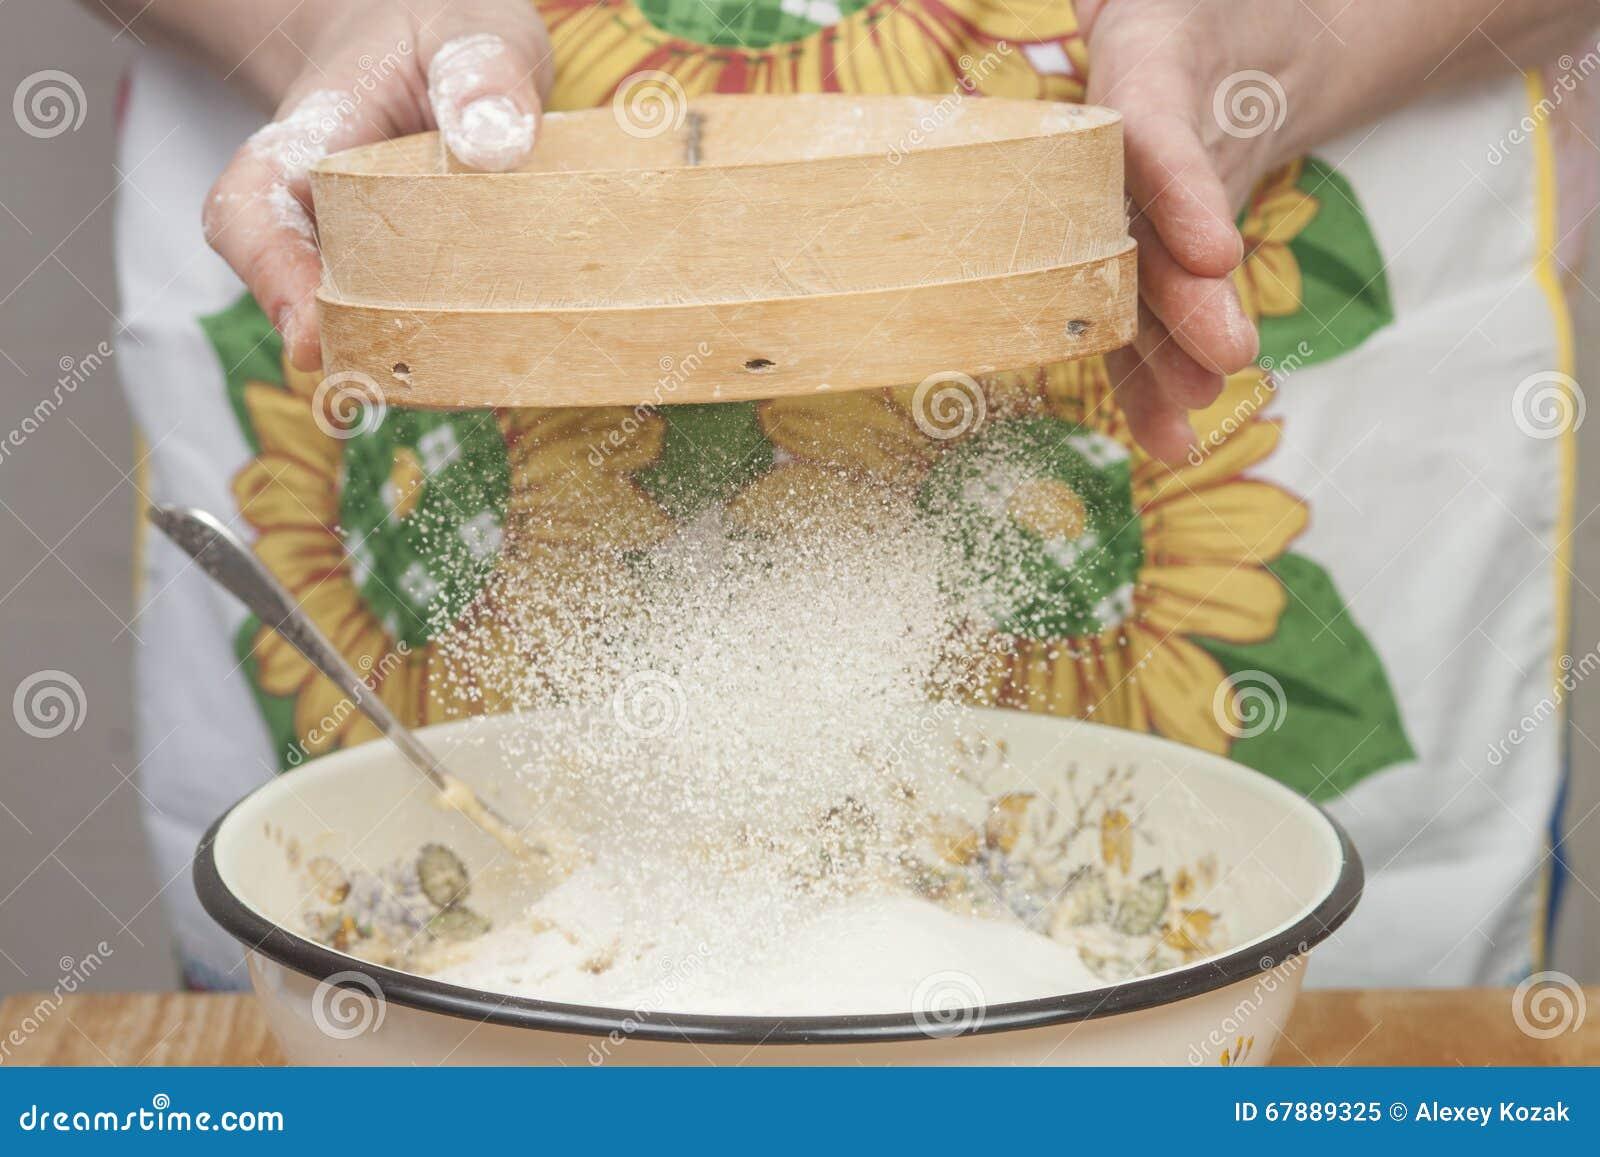 准备面粉的妇女的手在烘烤饼前